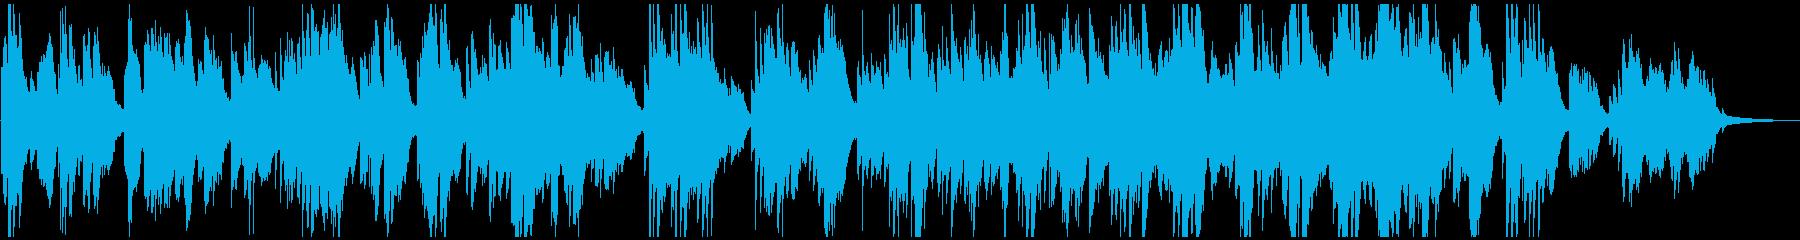 オープニング・物語・おとぎ話 ピアノソロの再生済みの波形